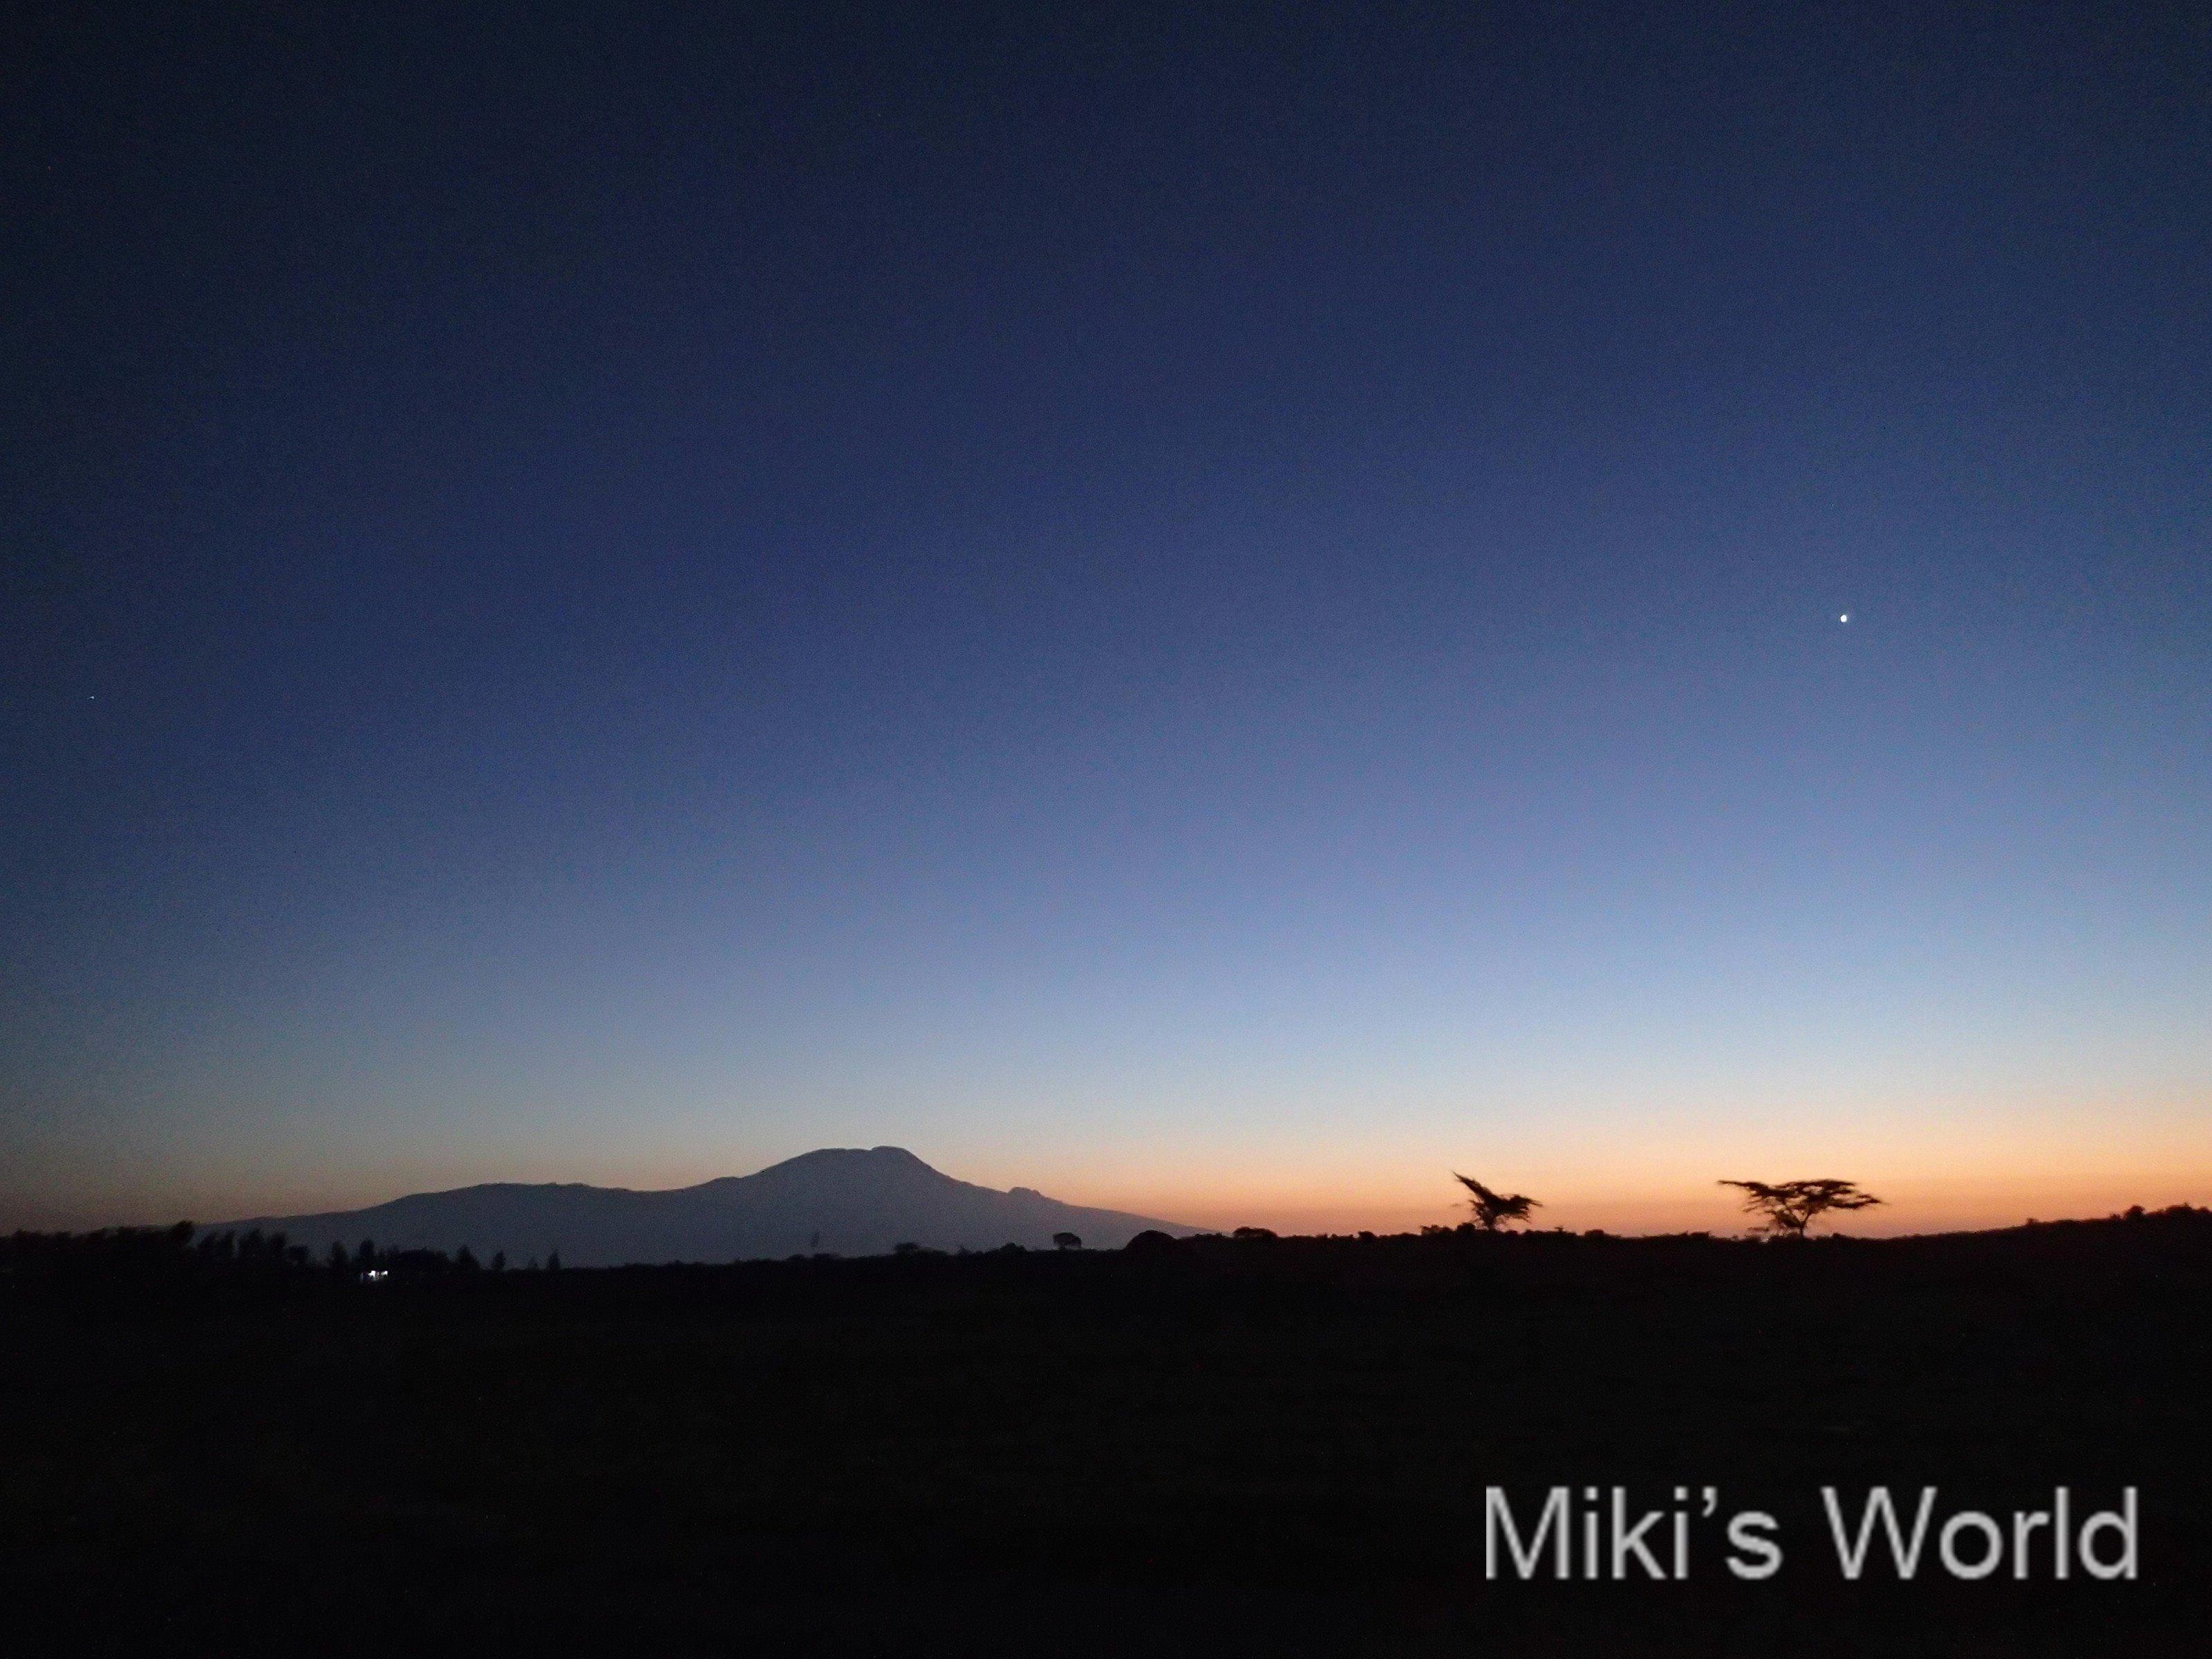 キリマンジャロ山の夜明け、朝日とキリンのアルーシャ国立公園